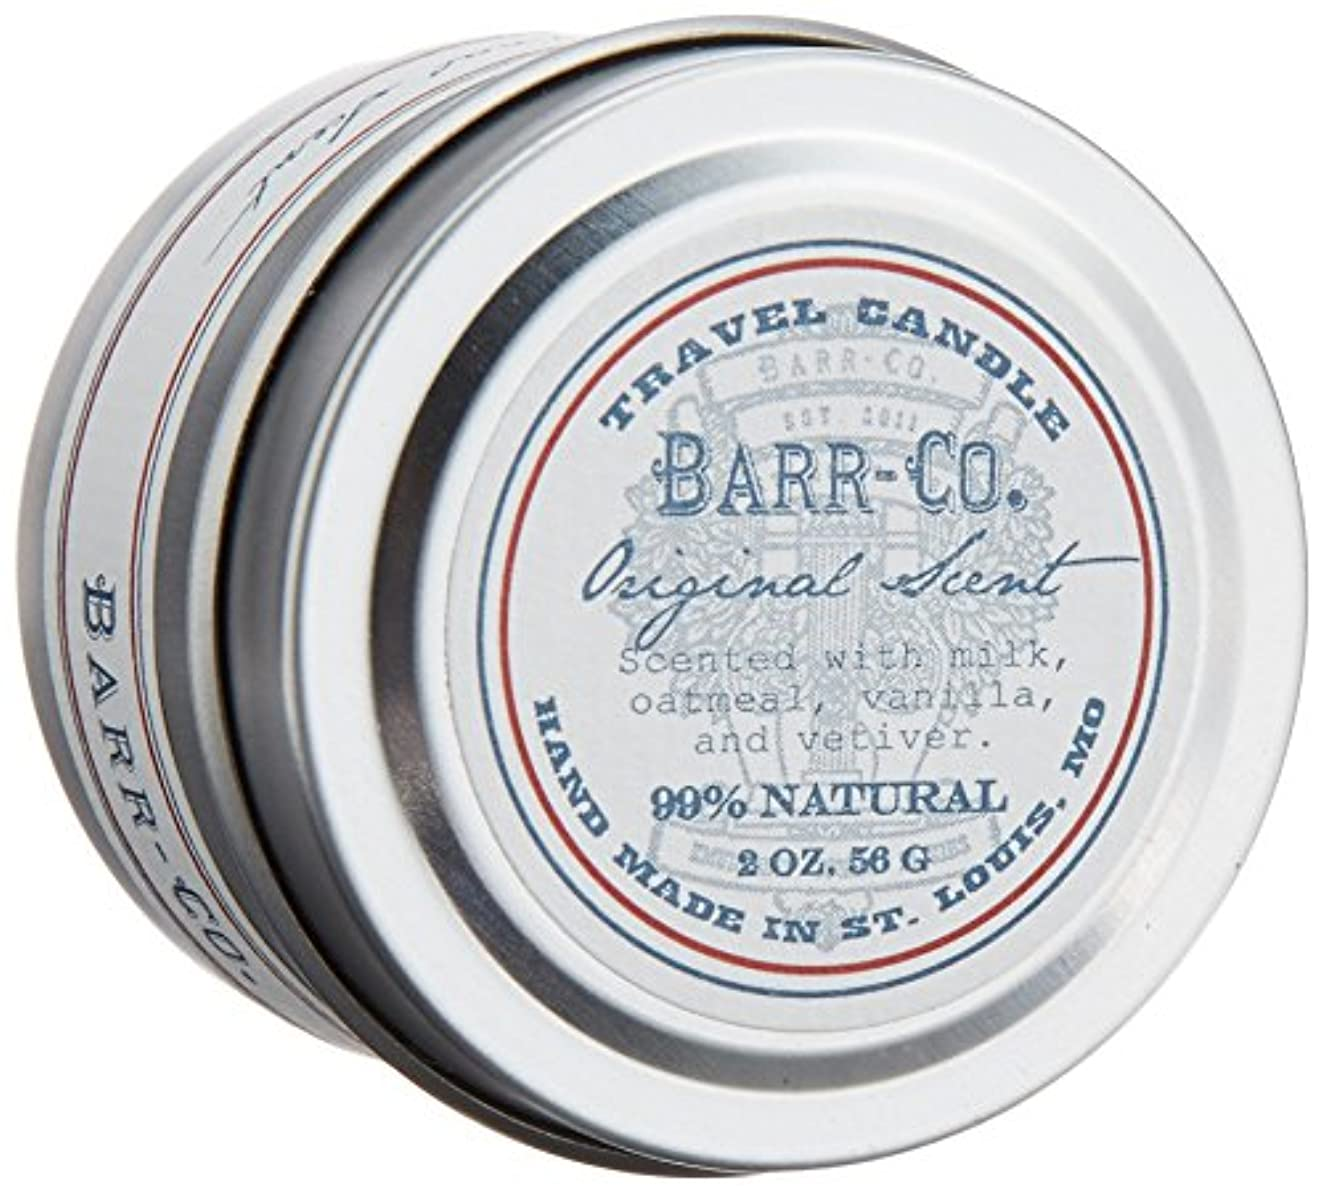 とらえどころのない分岐する処理BARR-CO.(バーコー) トラベルキャンドル